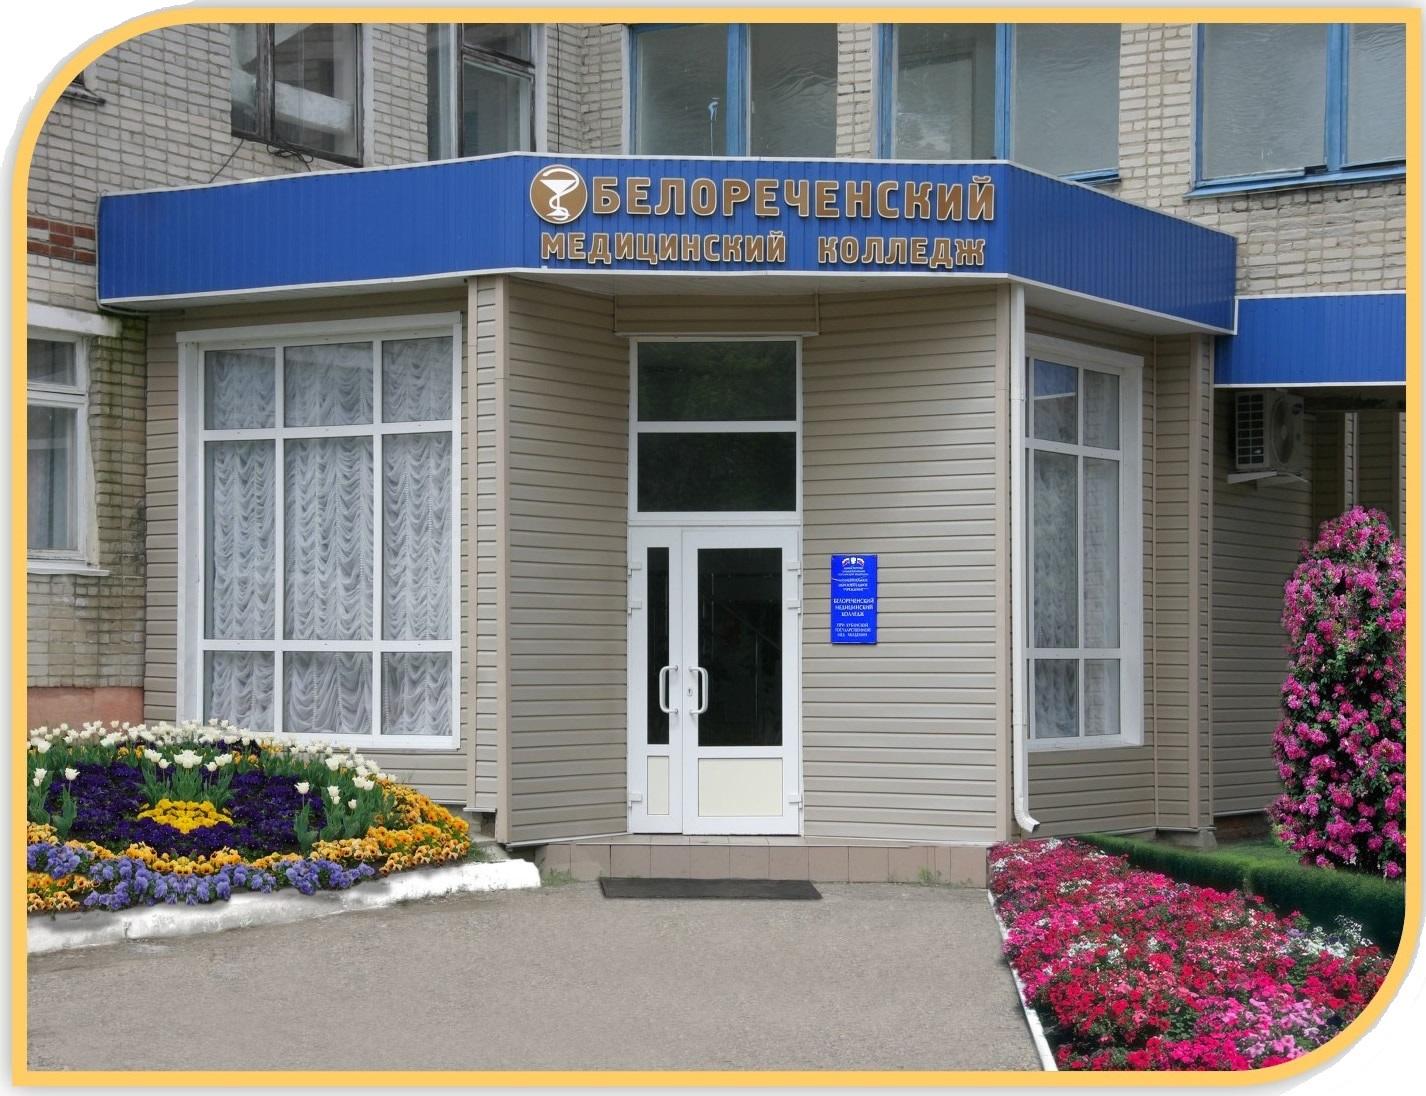 Армавирский медицинский колледж приемная комиссия алюминий цена в Дедовск